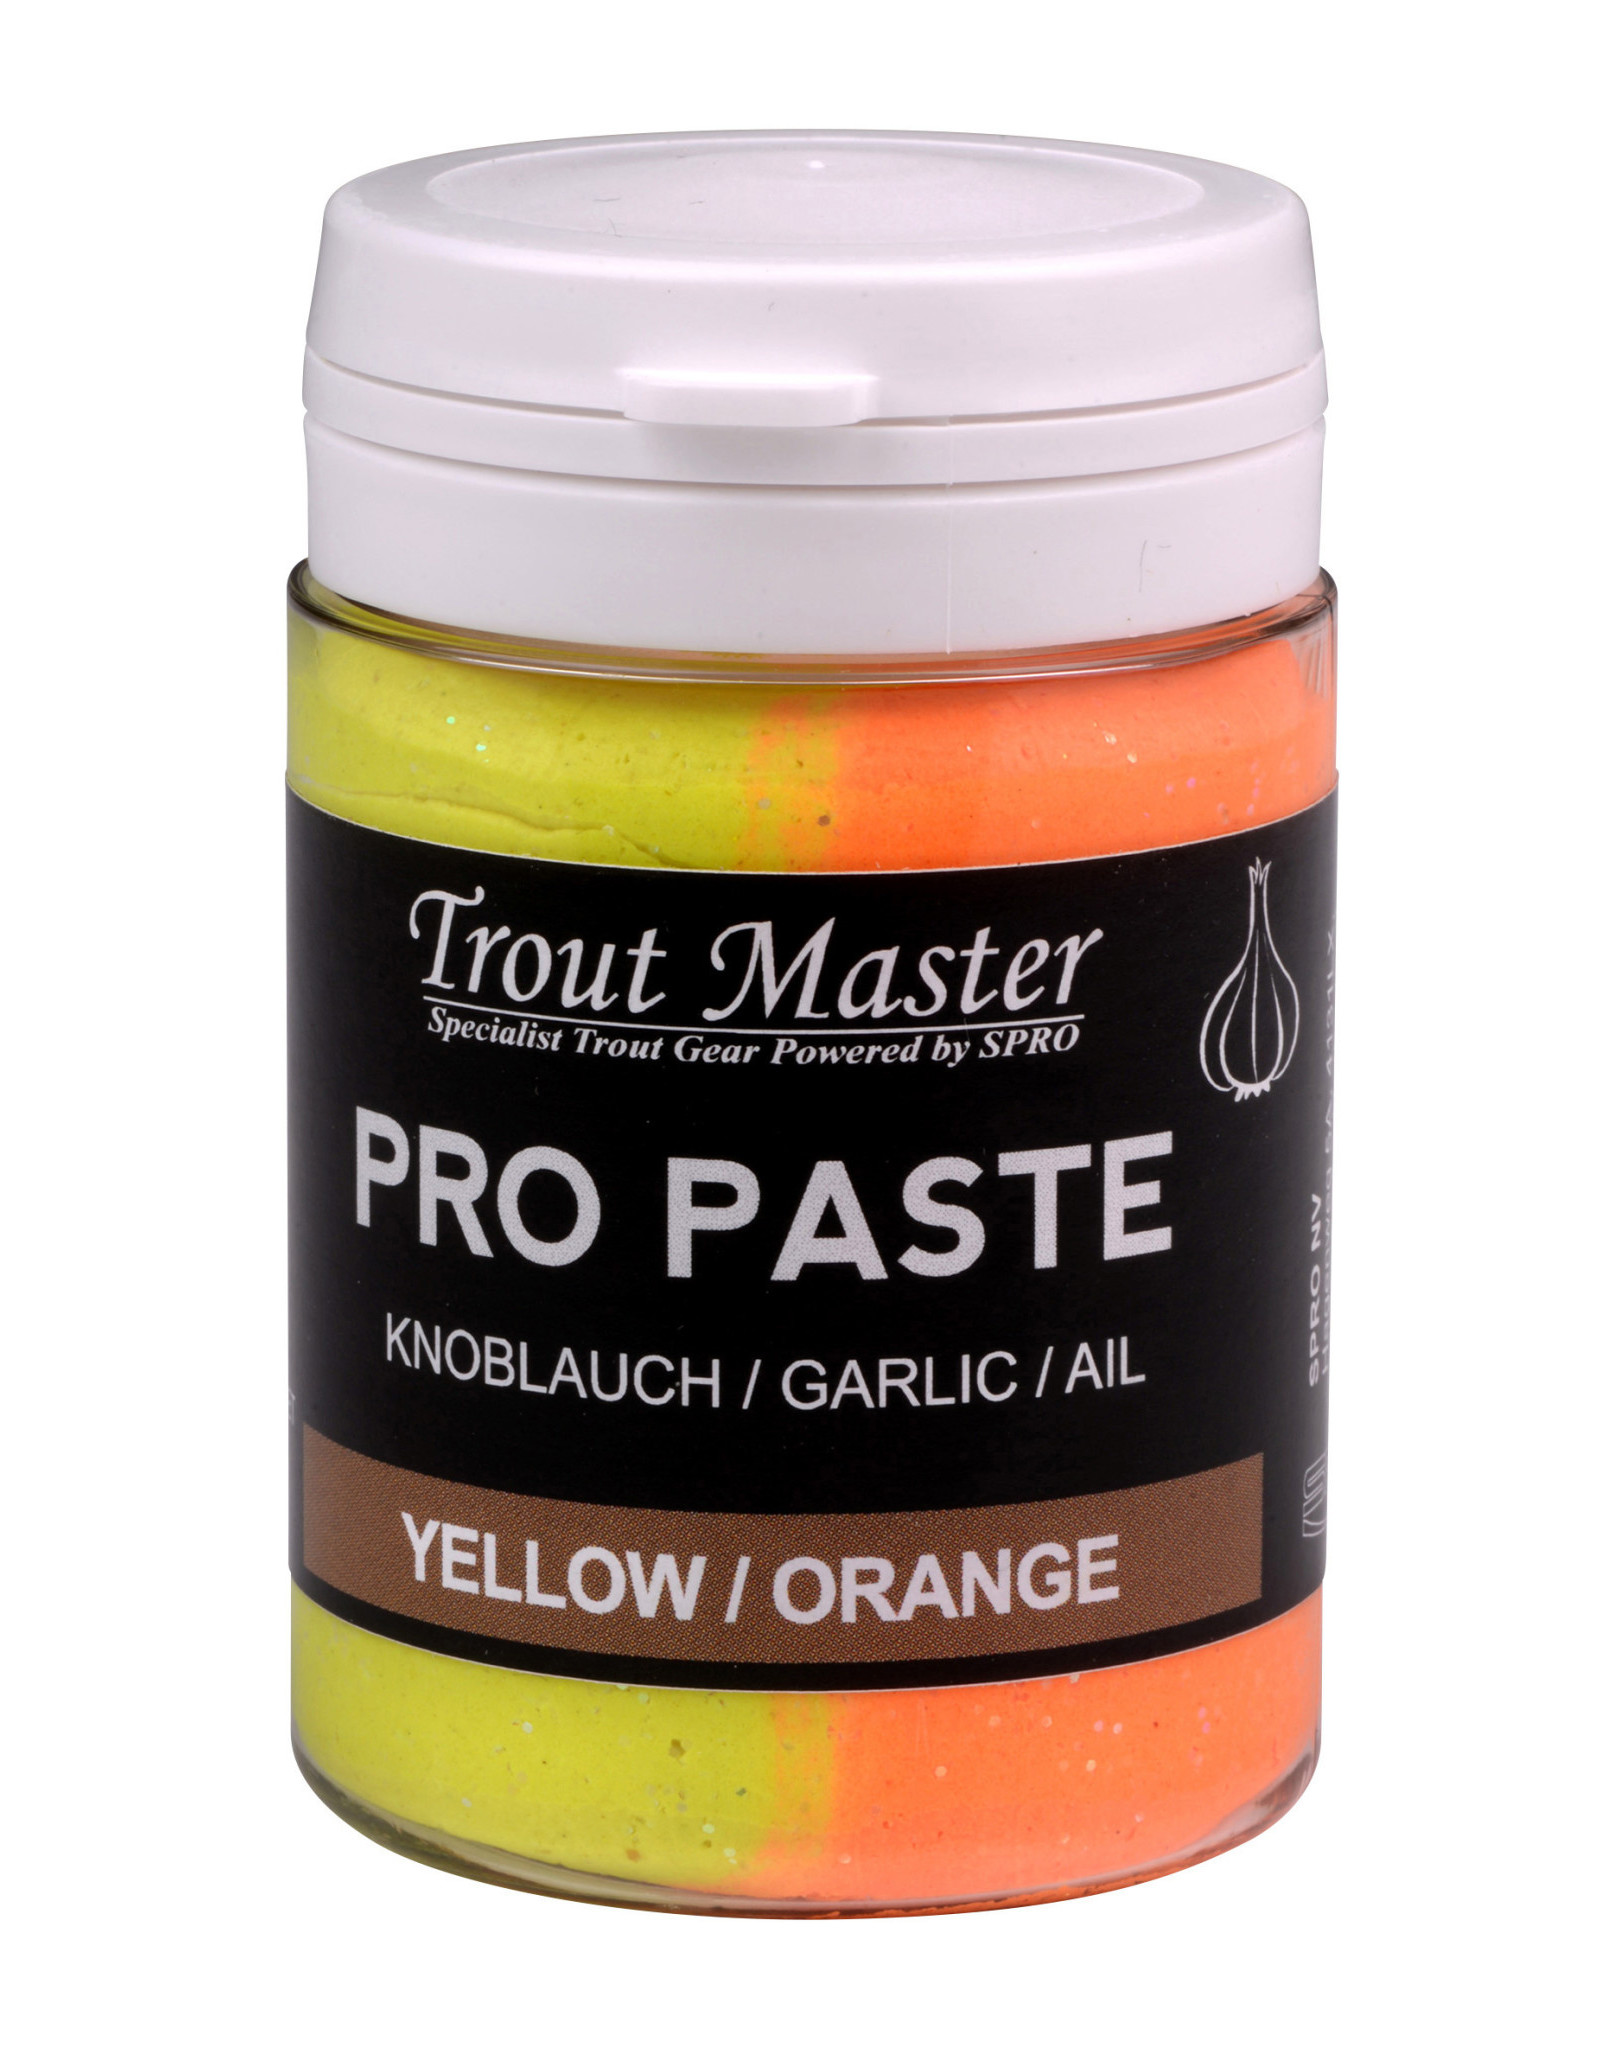 TROUT MASTER PRO PASTE YELLOW / ORANGE